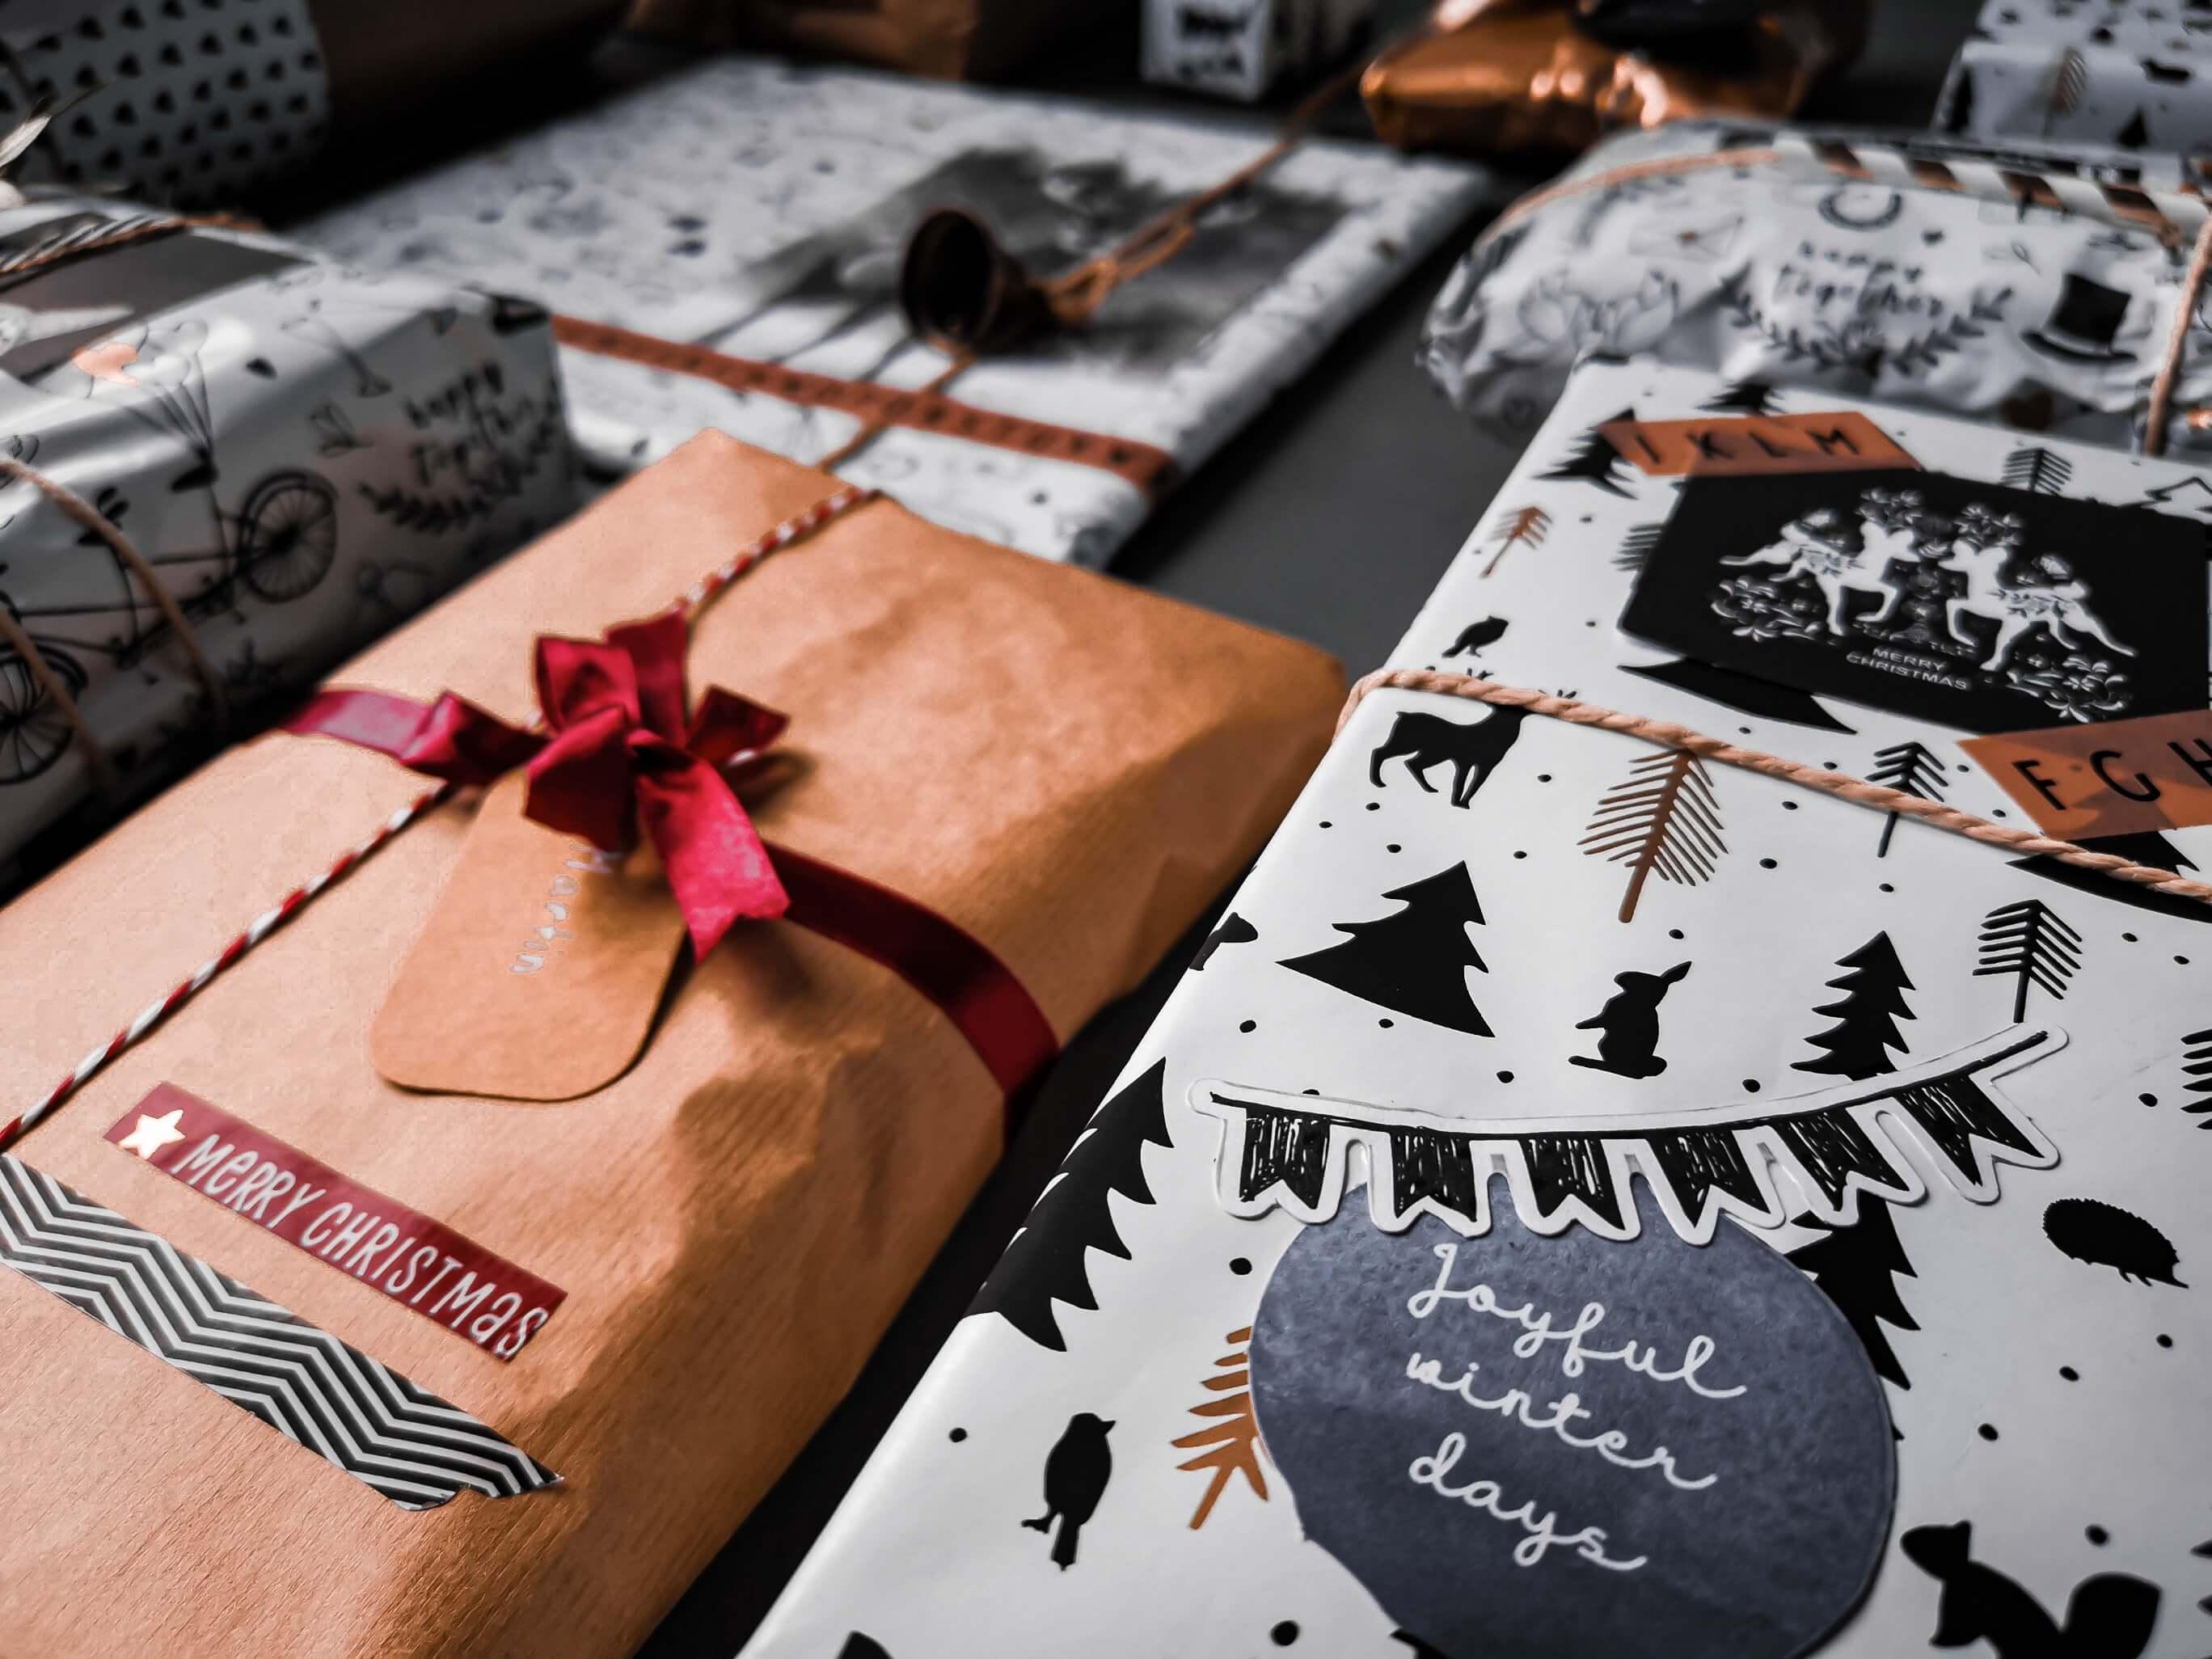 IMG 20191207 110558 resized 20191208 060331890 - Geschenke verpacken: 11 kreative Tipps zum Selbermachen